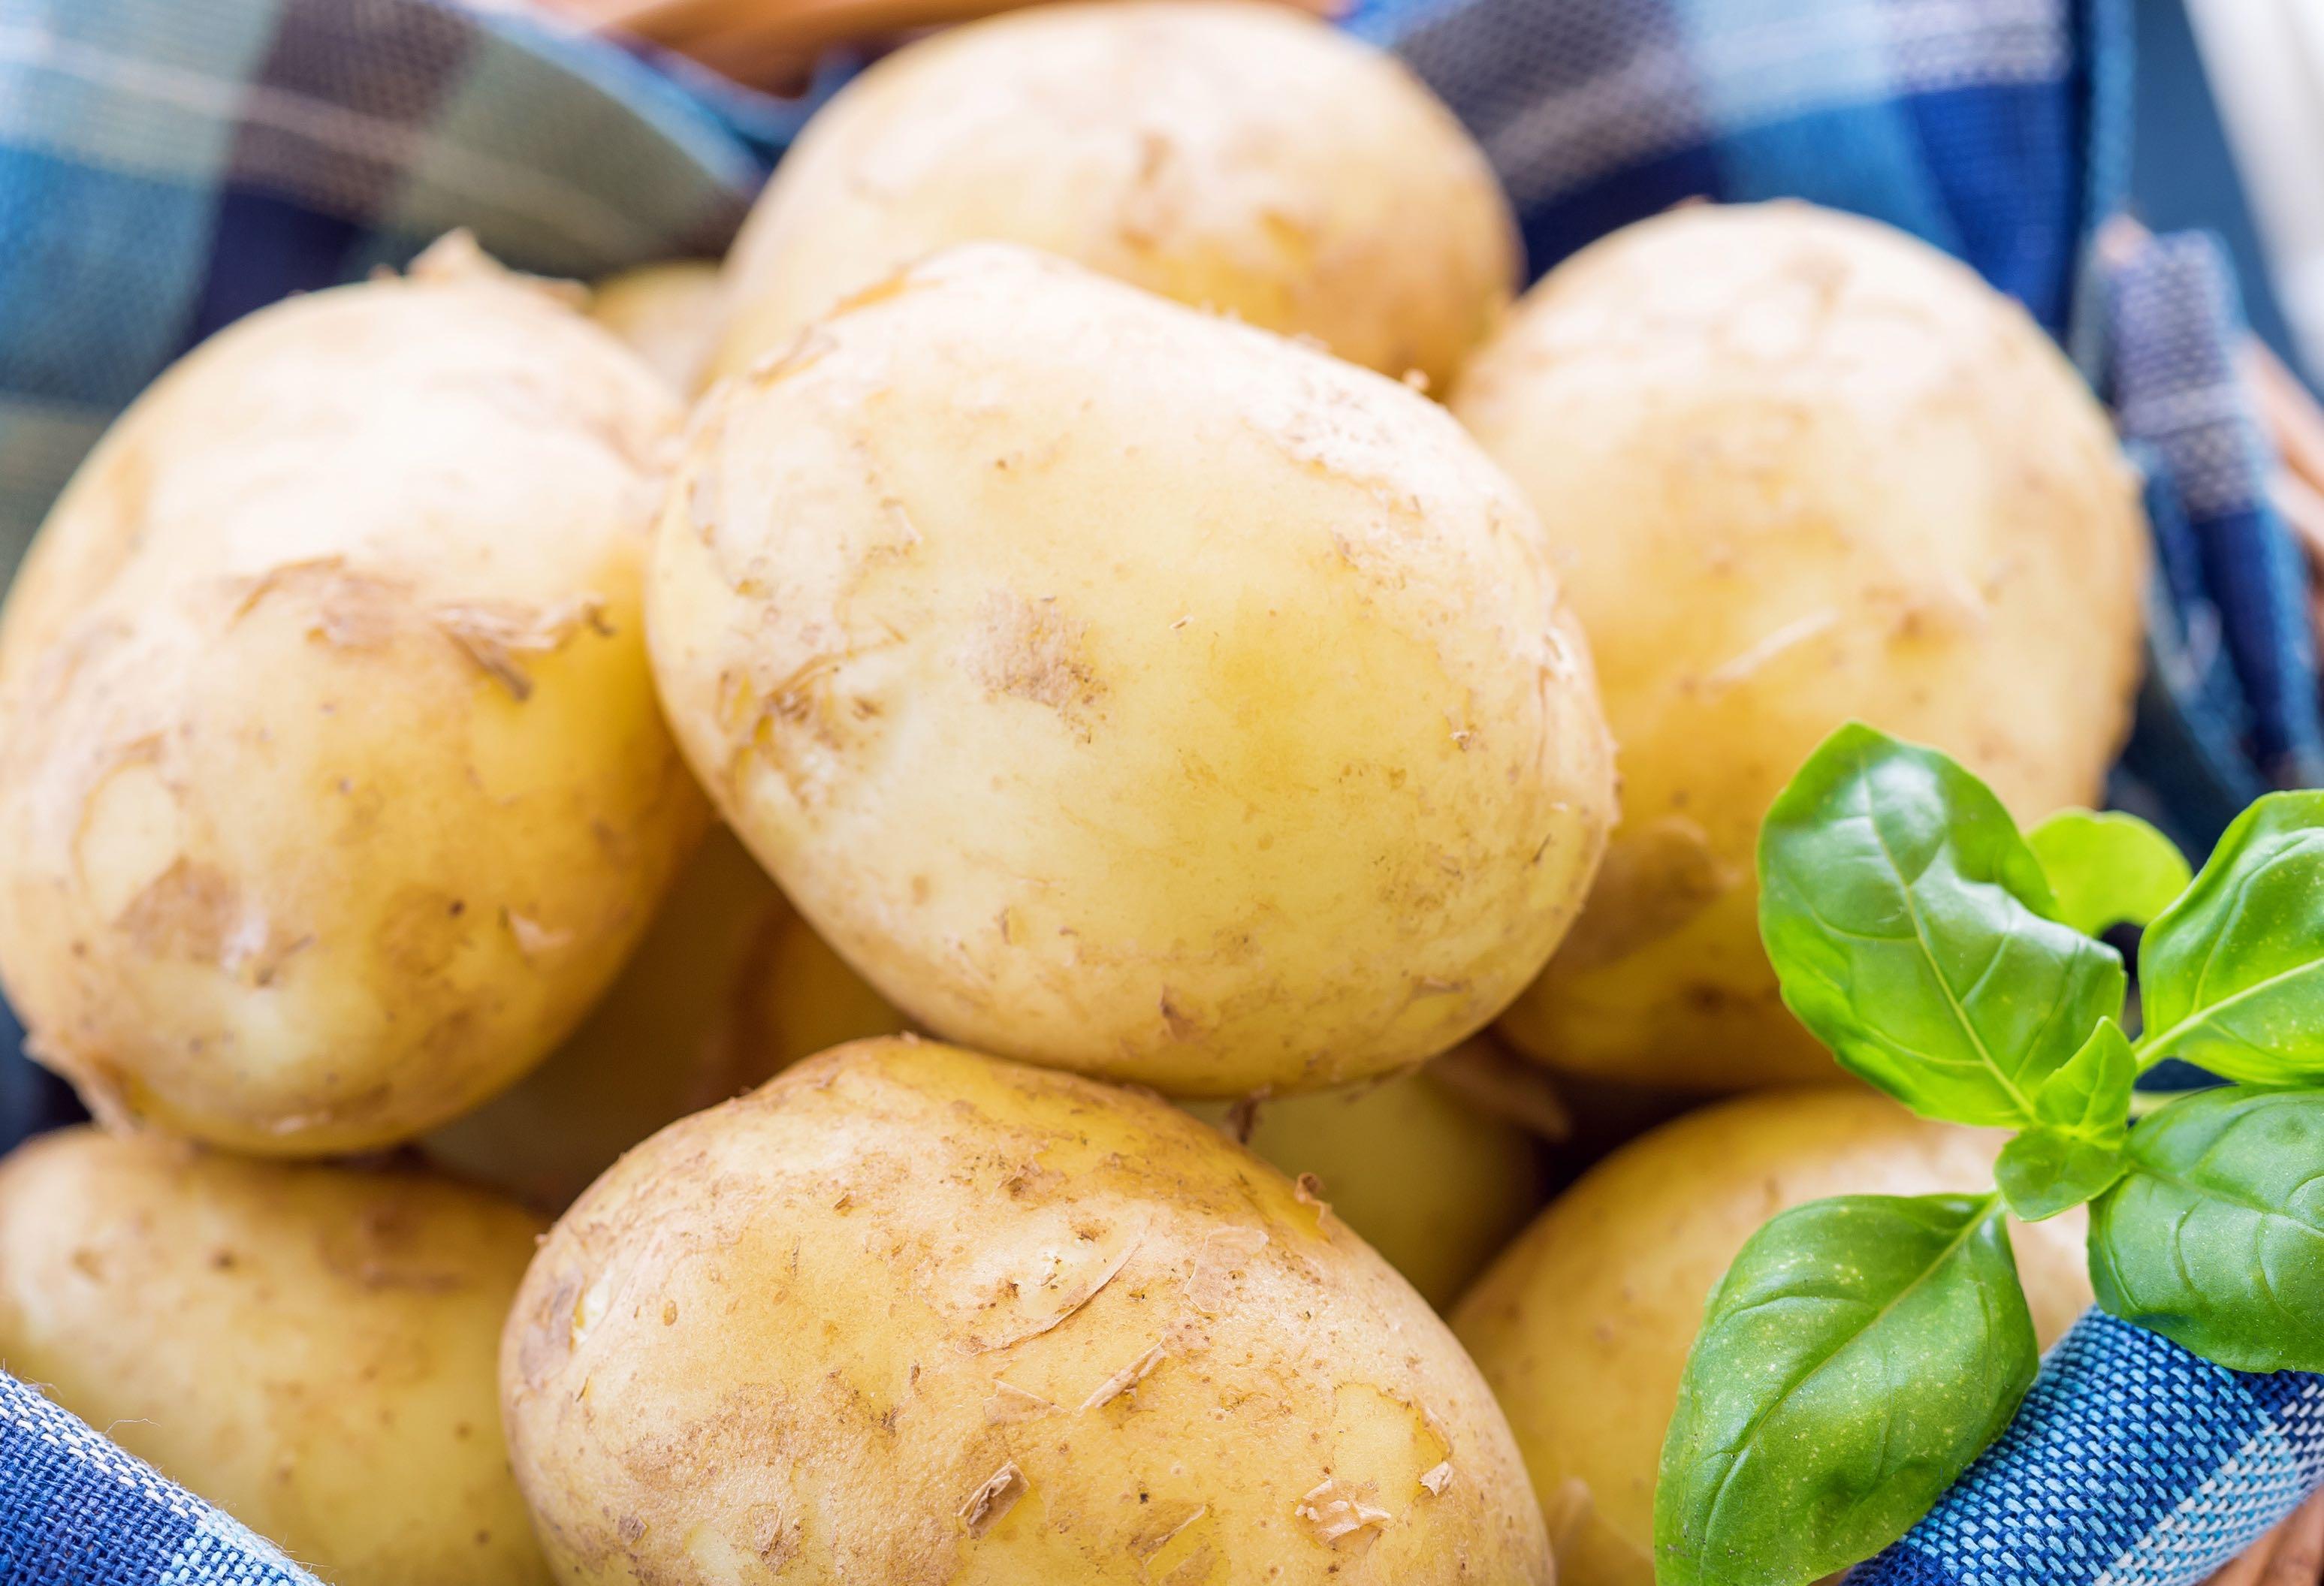 Fast eller mjölig potatis? Det är frågan!